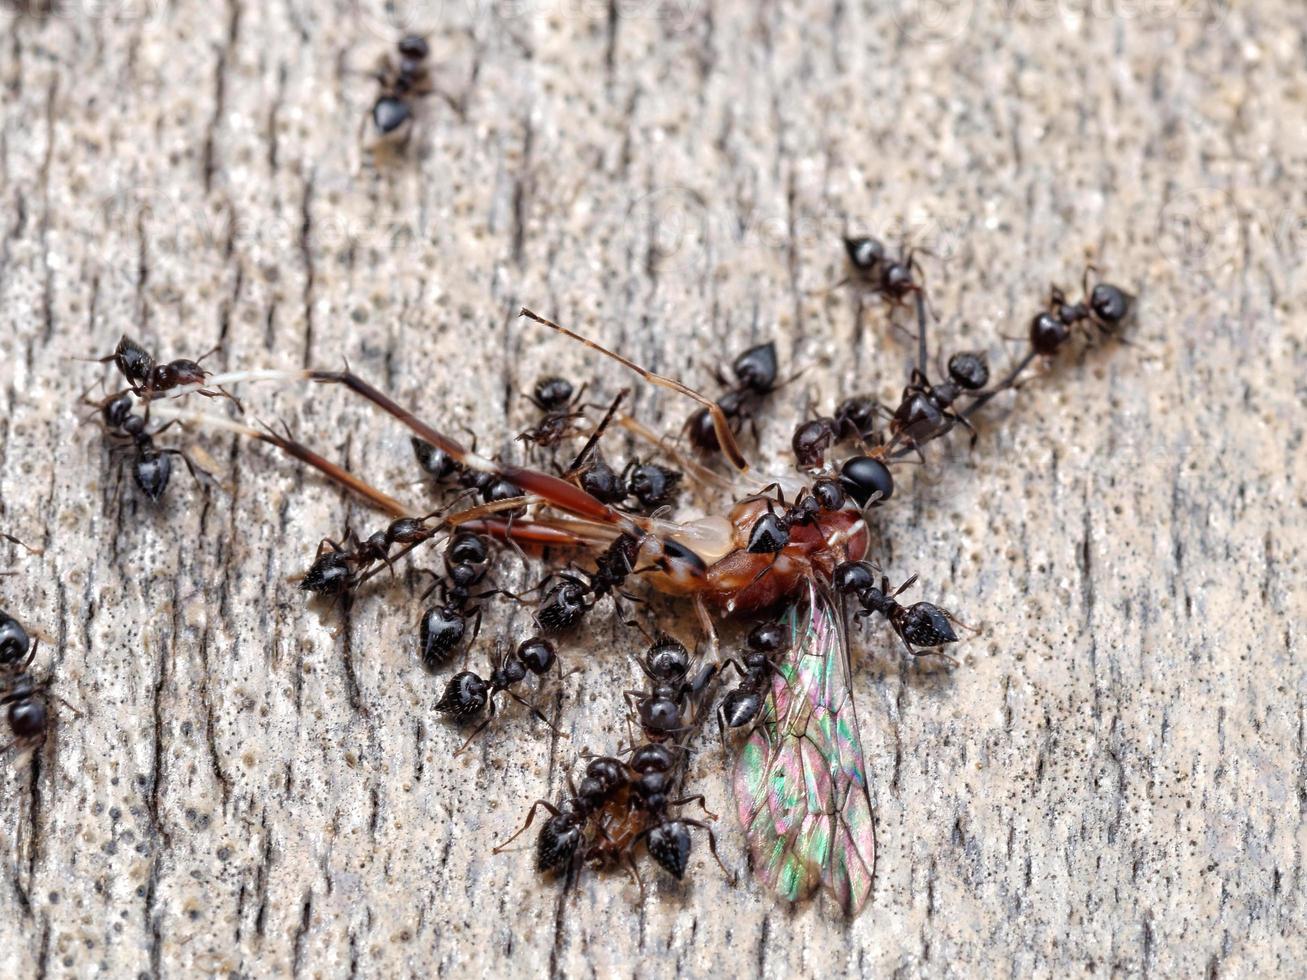 les fourmis noires dévorent un insecte photo